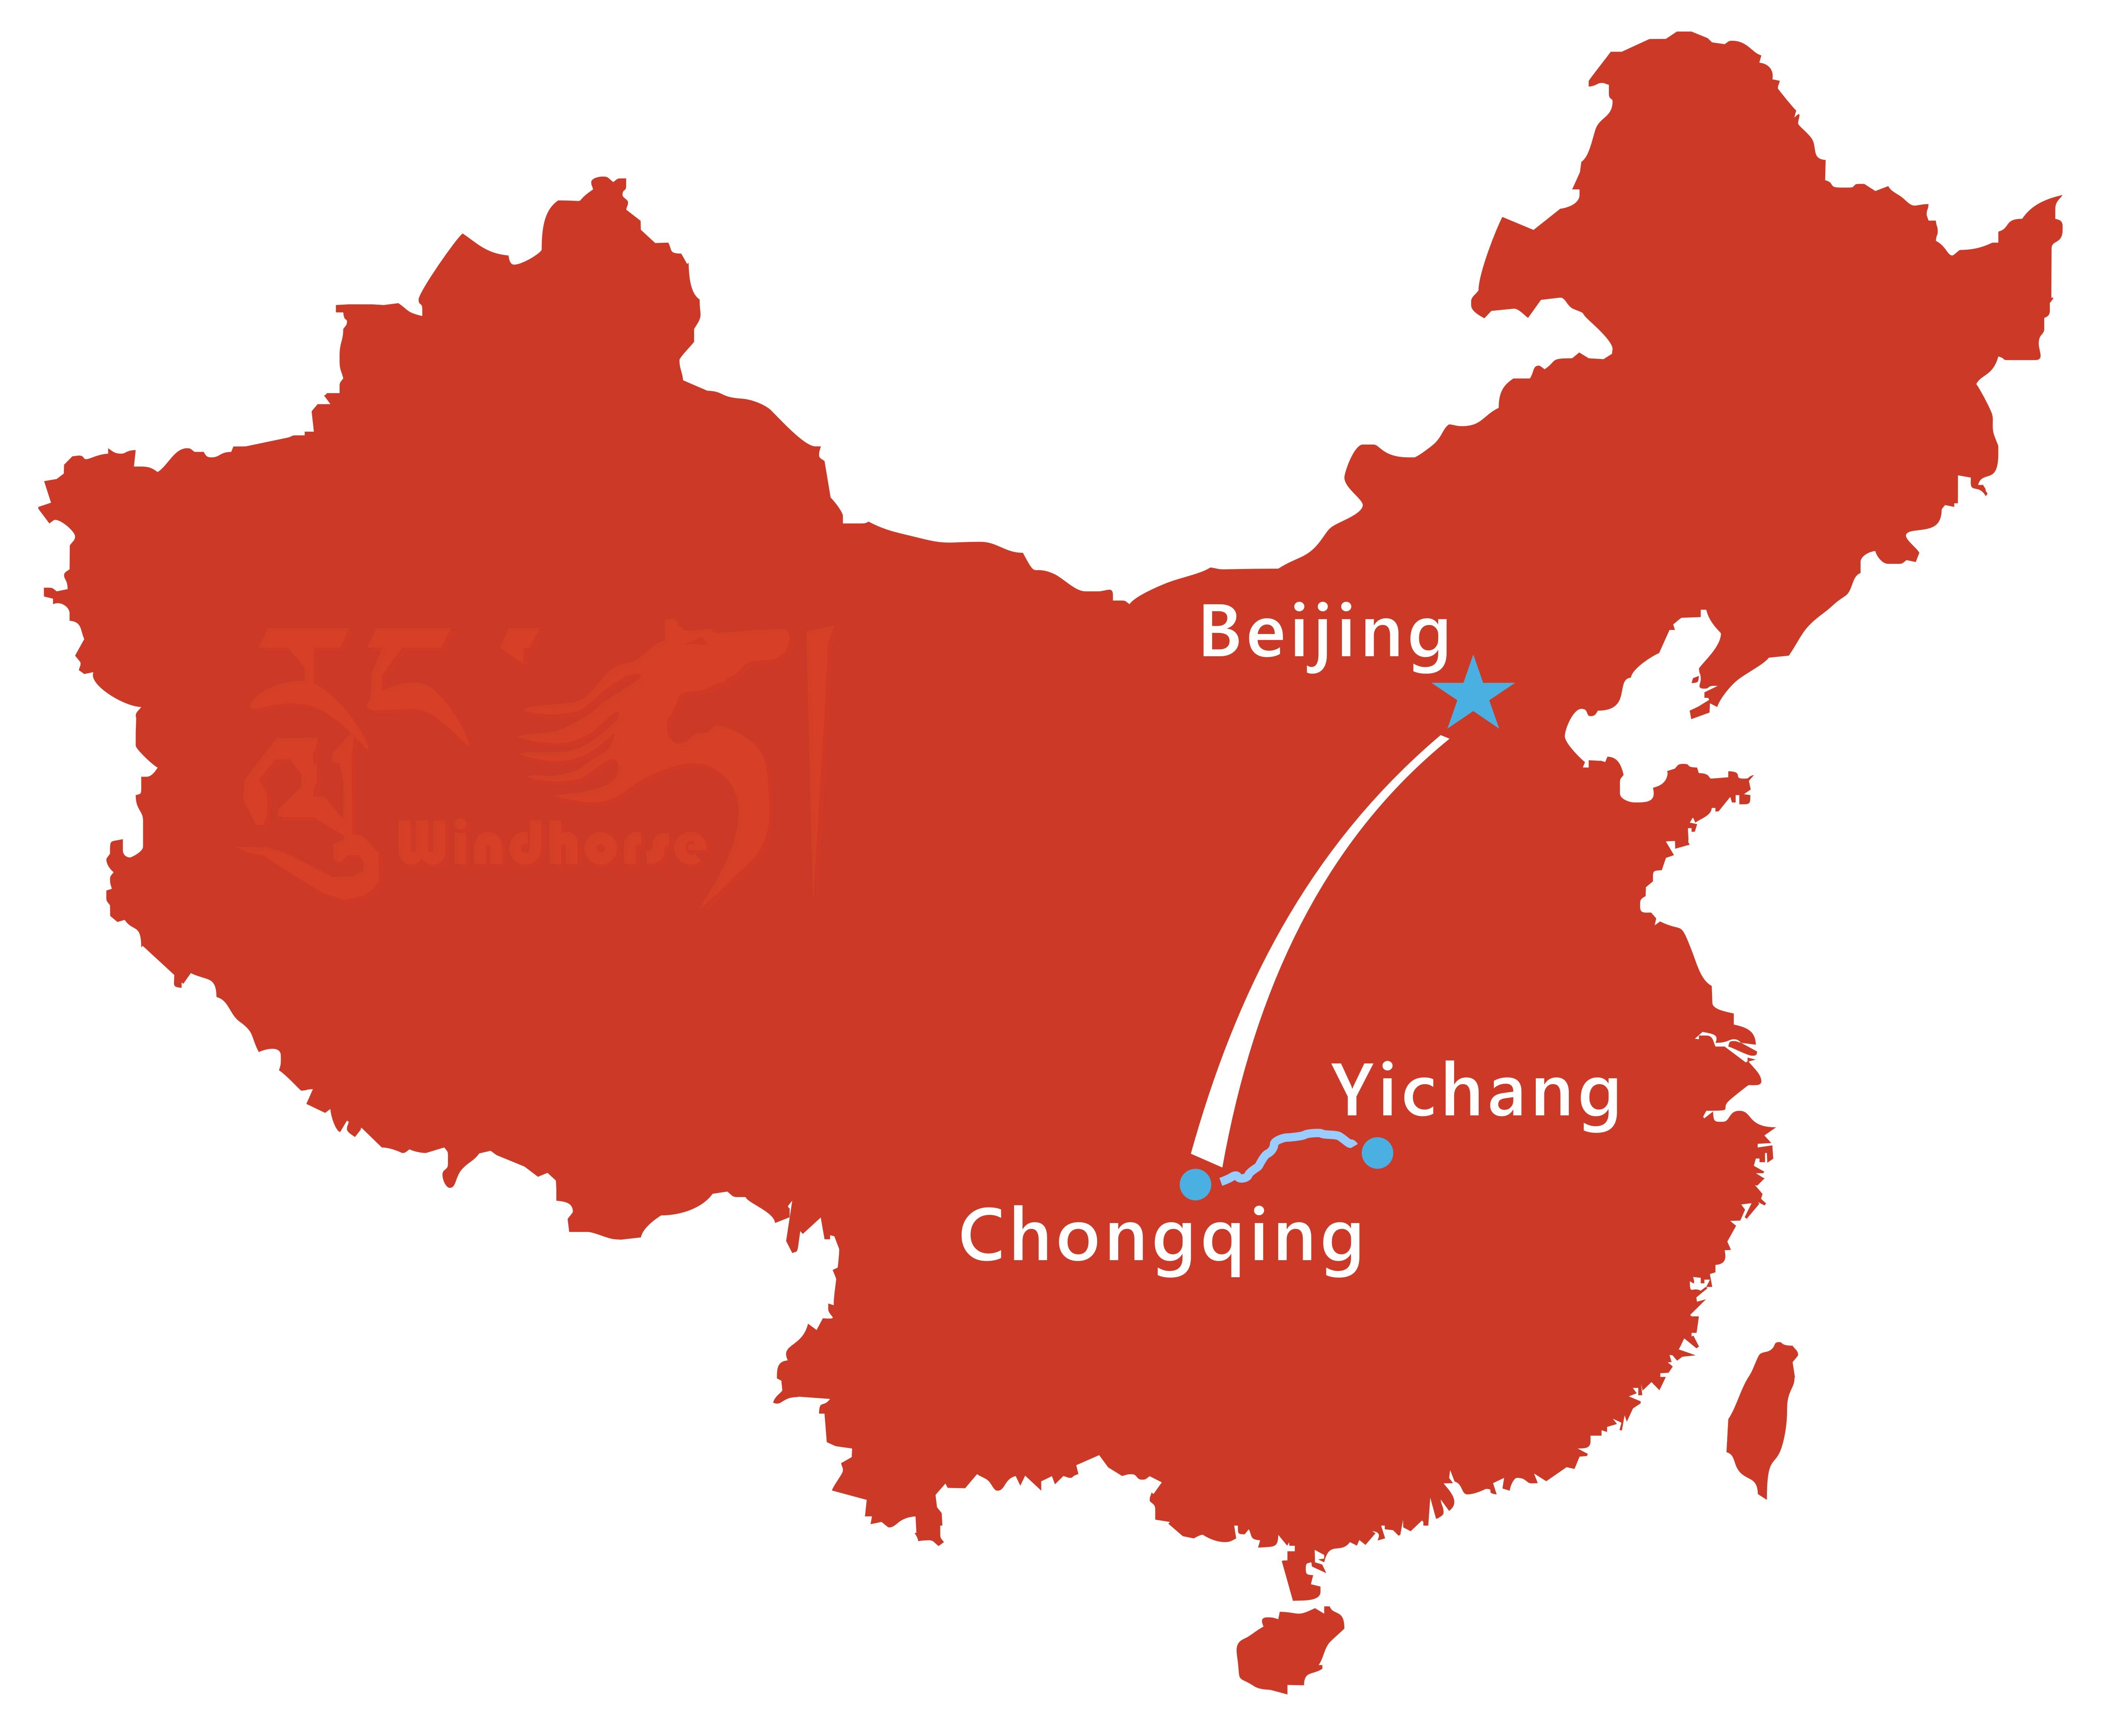 Beijing Yangtze River Tour Route